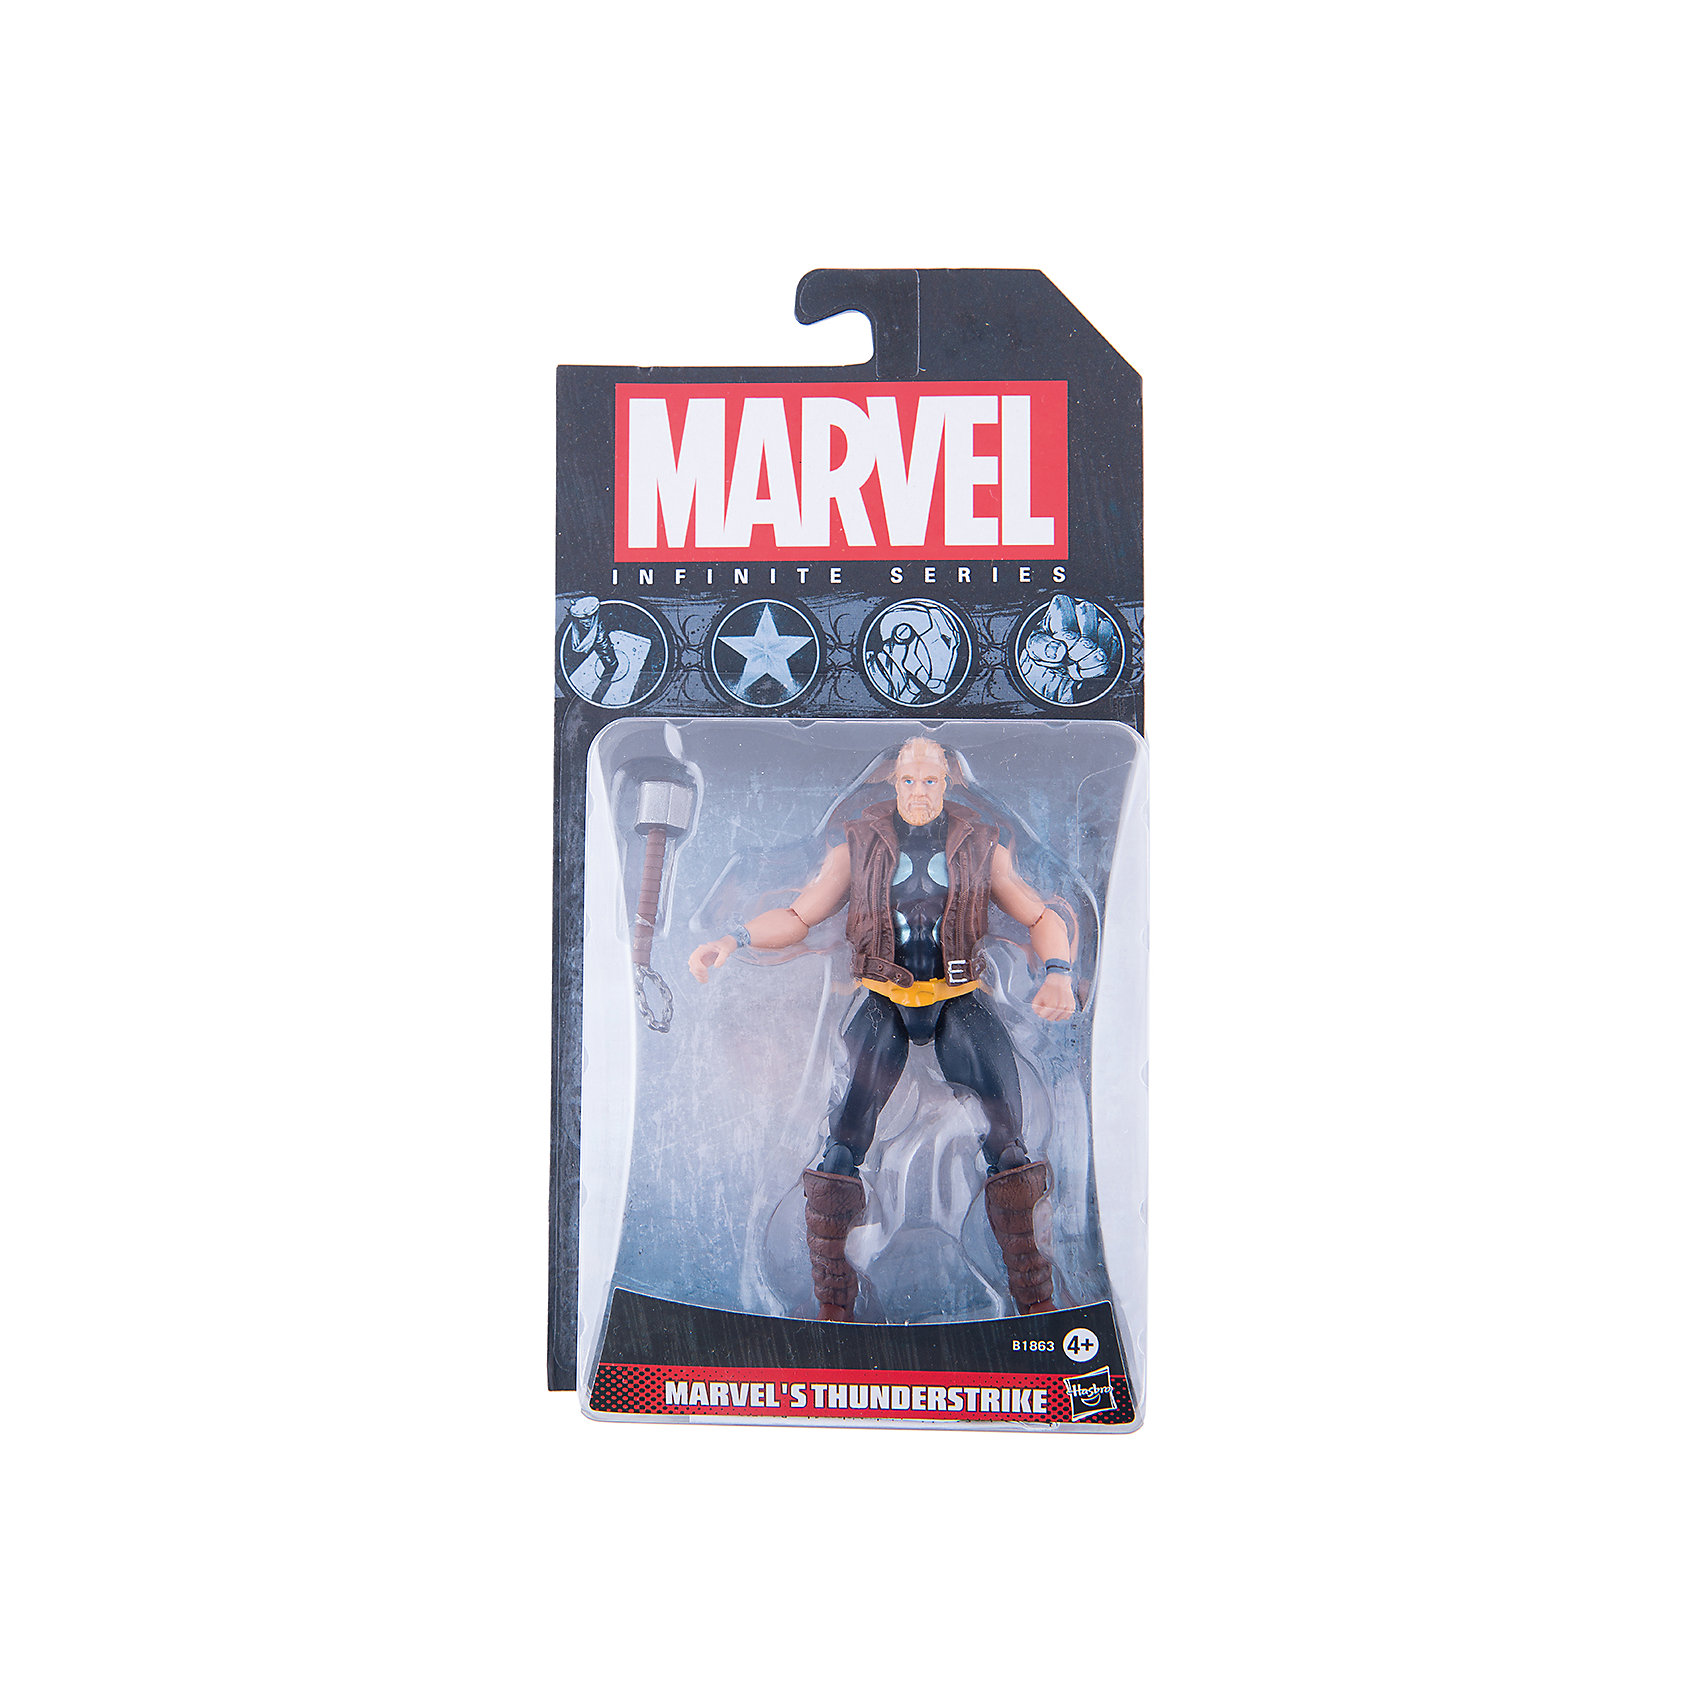 Коллекционная фигурка Марвел 9,5 см, Marvel Heroes, B1863/A6749Игрушки<br>Эта коллекционная фигурка обязательно понравится всем поклонникам Marvel. Фигурка прекрасно детализирована, обладает подвижными конечностями и щупальцами, что позволяет ей принимать разнообразные позы, открывая еще большие возможности для различных игровых сюжетов. Игрушка изготовлена из высококачественного пластика, с применением безопасных, экологичных красителей. <br><br>Дополнительная информация:<br><br>- Материал: пластик.<br>- Размер фигурки: 9,5 см.<br>- Подвижные конечности.<br><br>Коллекционную фигурку Марвел 9,5 см, Marvel Heroes, можно купить в нашем магазине.<br><br>Ширина мм: 51<br>Глубина мм: 121<br>Высота мм: 229<br>Вес г: 150<br>Возраст от месяцев: 48<br>Возраст до месяцев: 192<br>Пол: Мужской<br>Возраст: Детский<br>SKU: 4563956